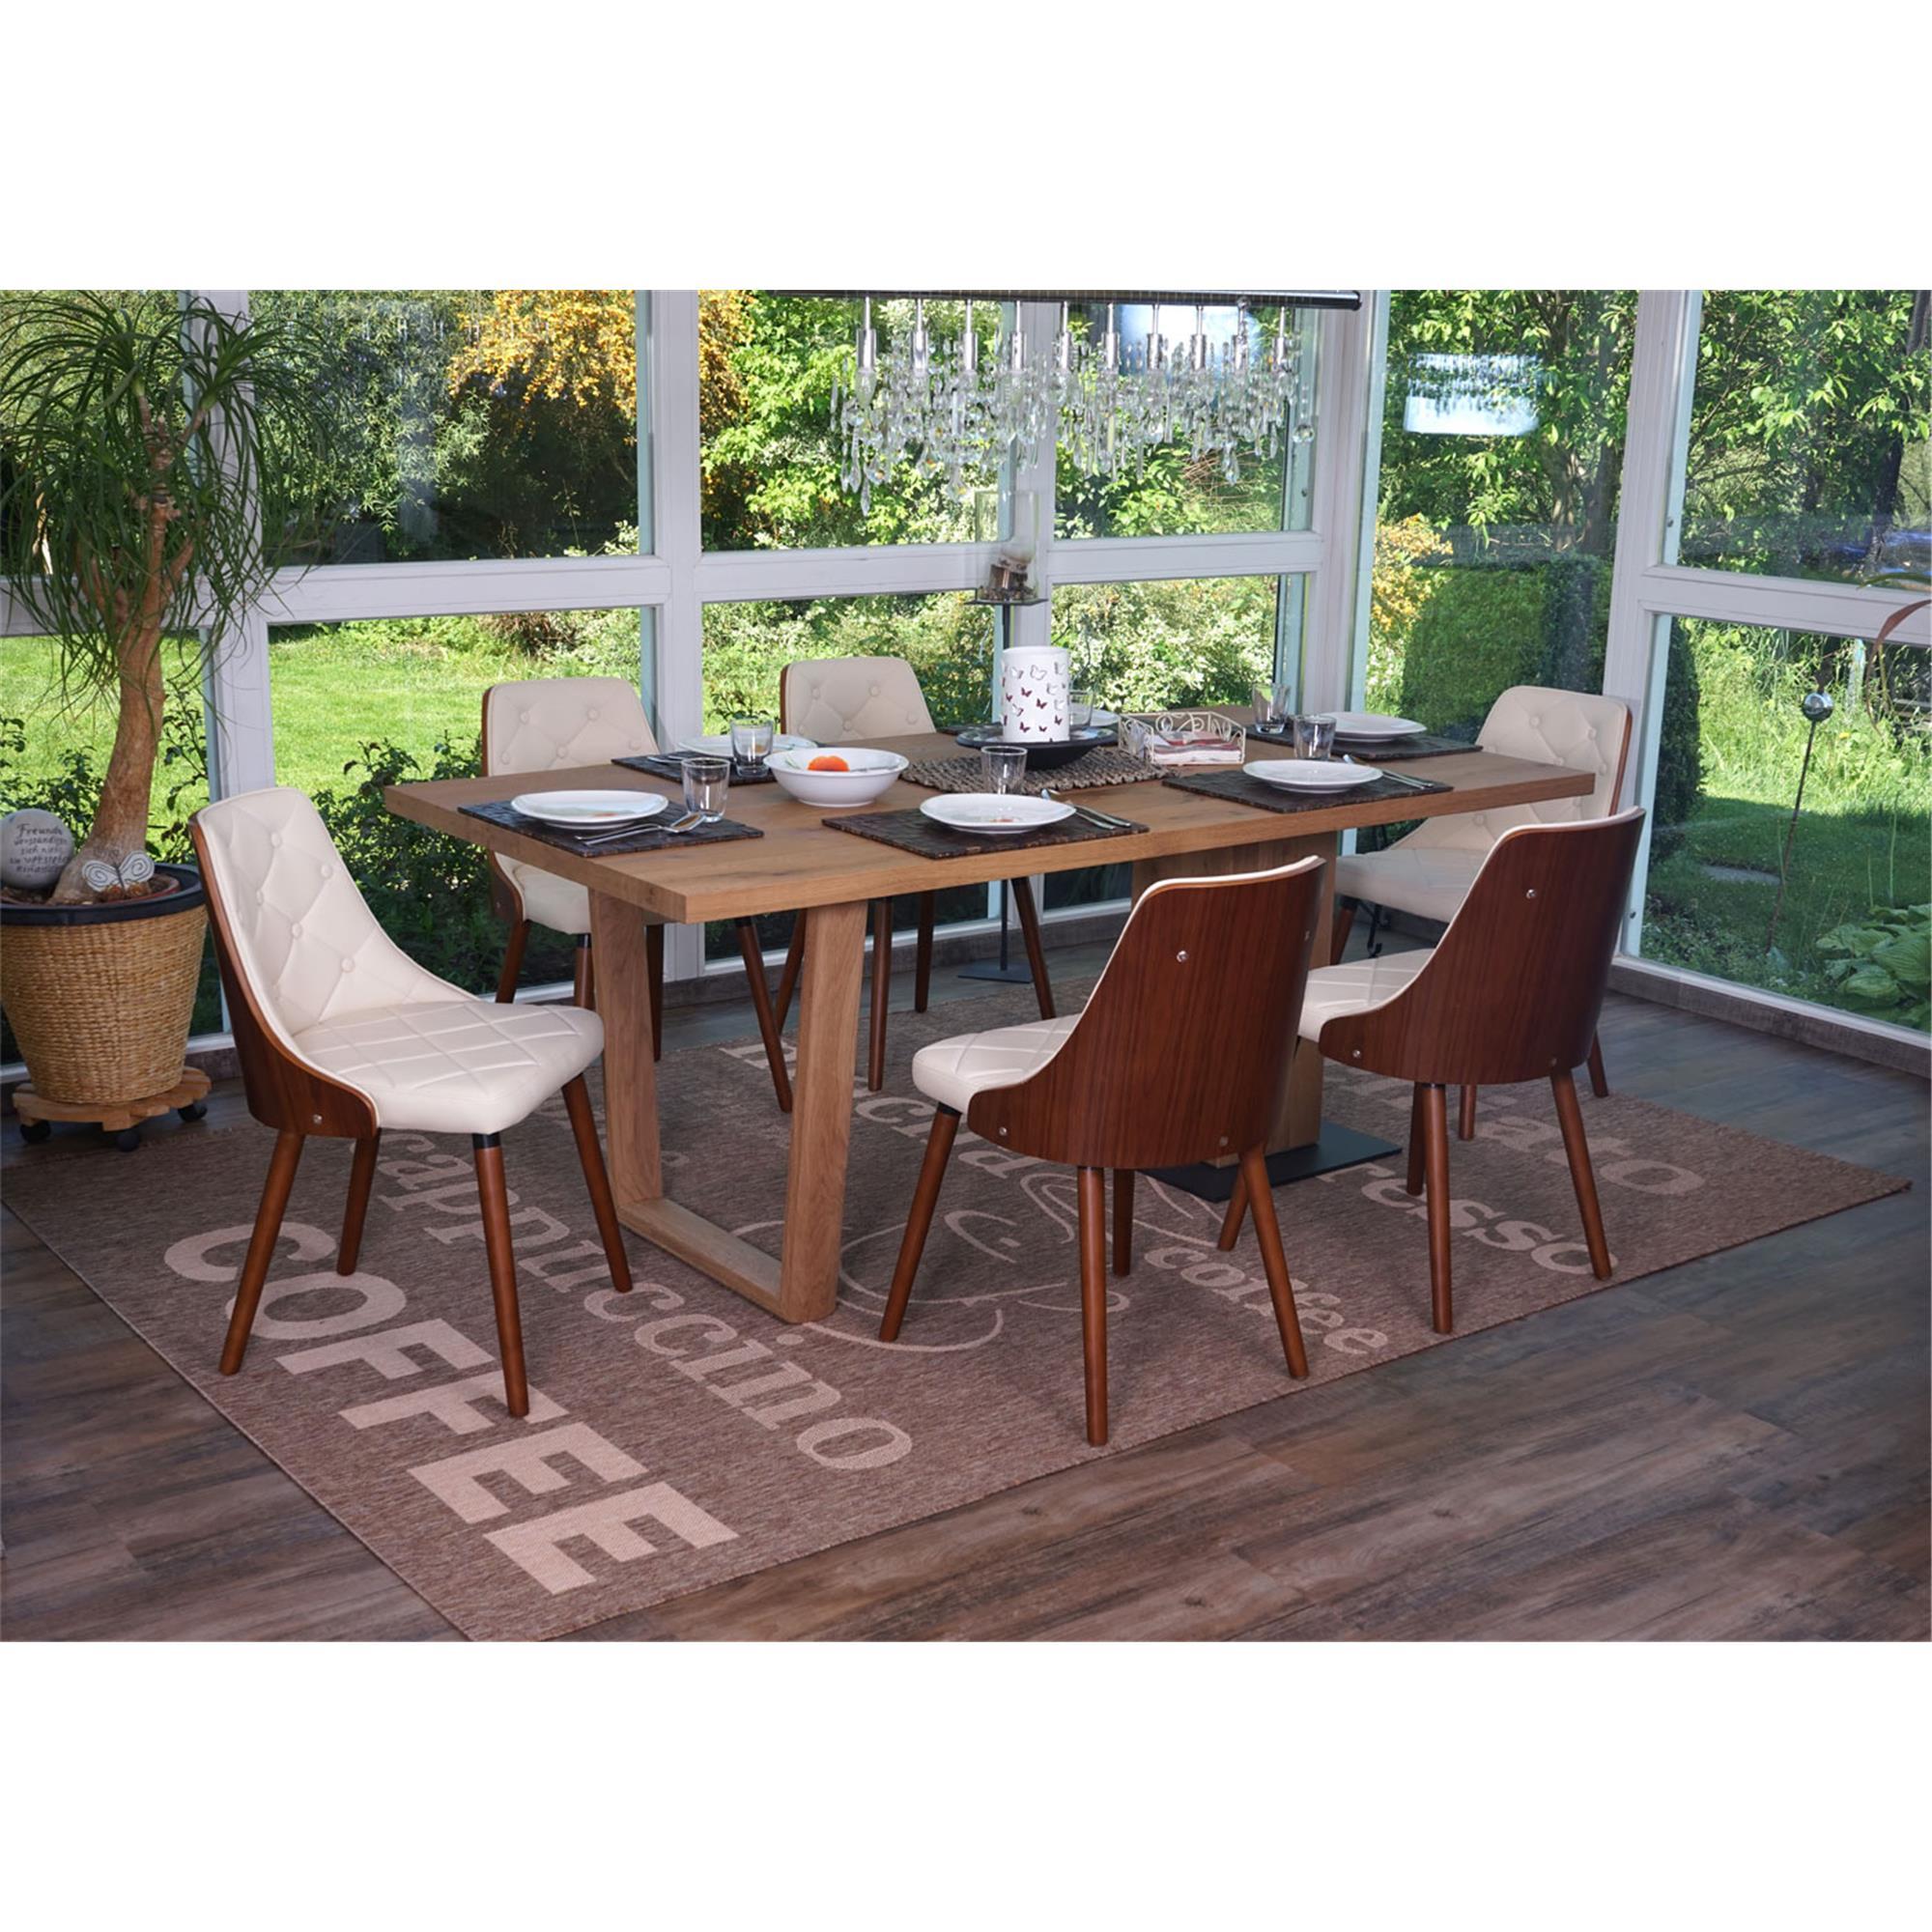 Lote 6 sillas de comedor baley en piel crema conjunto 6 for Sillas de comedor de piel